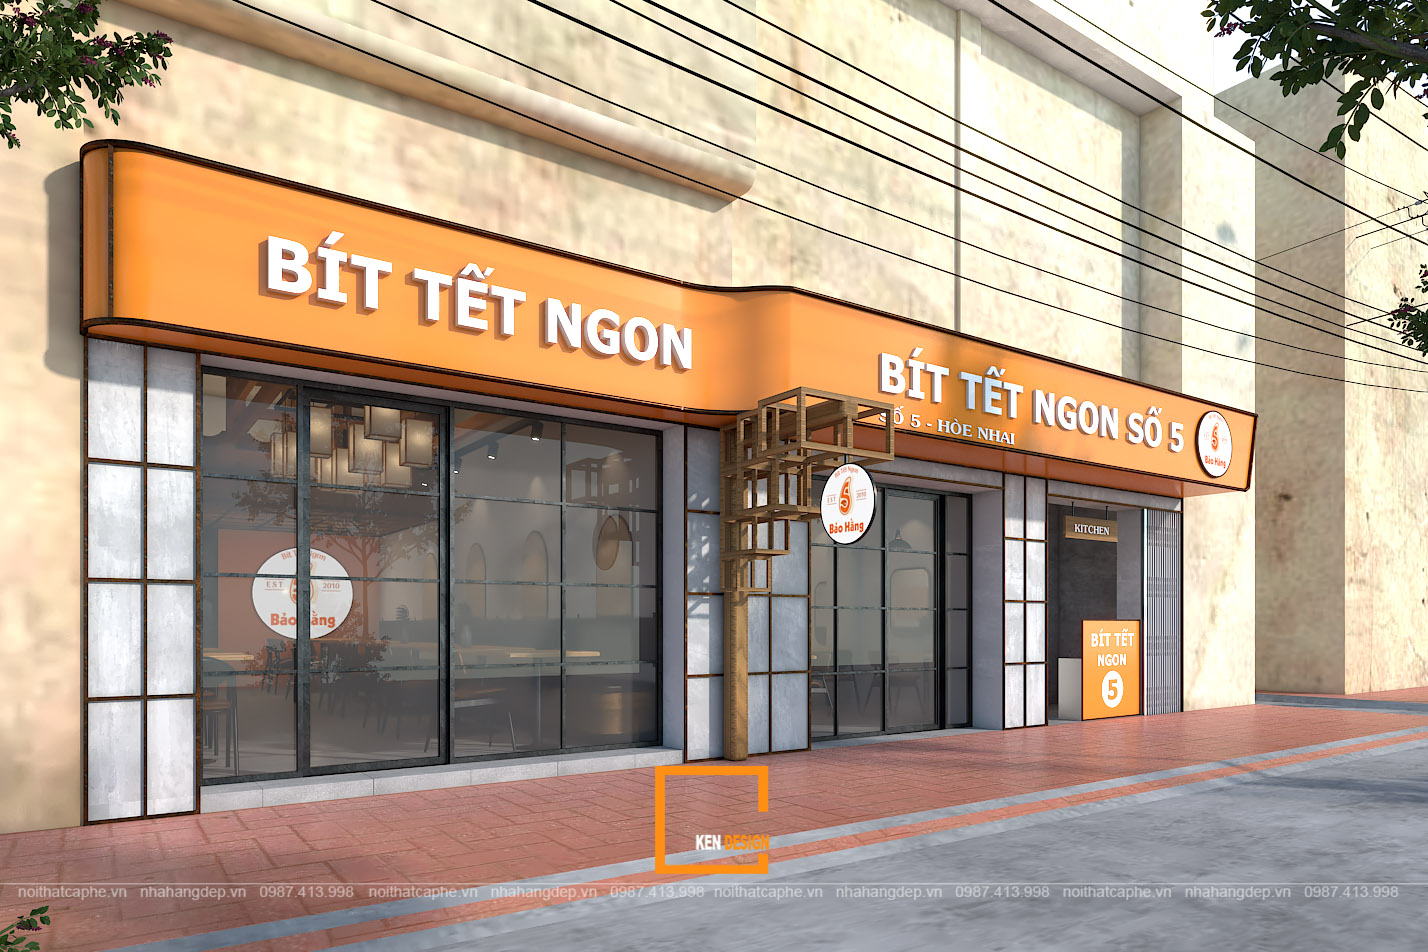 Thiết kế nhà hàng bò bít tết Bảo Hằng